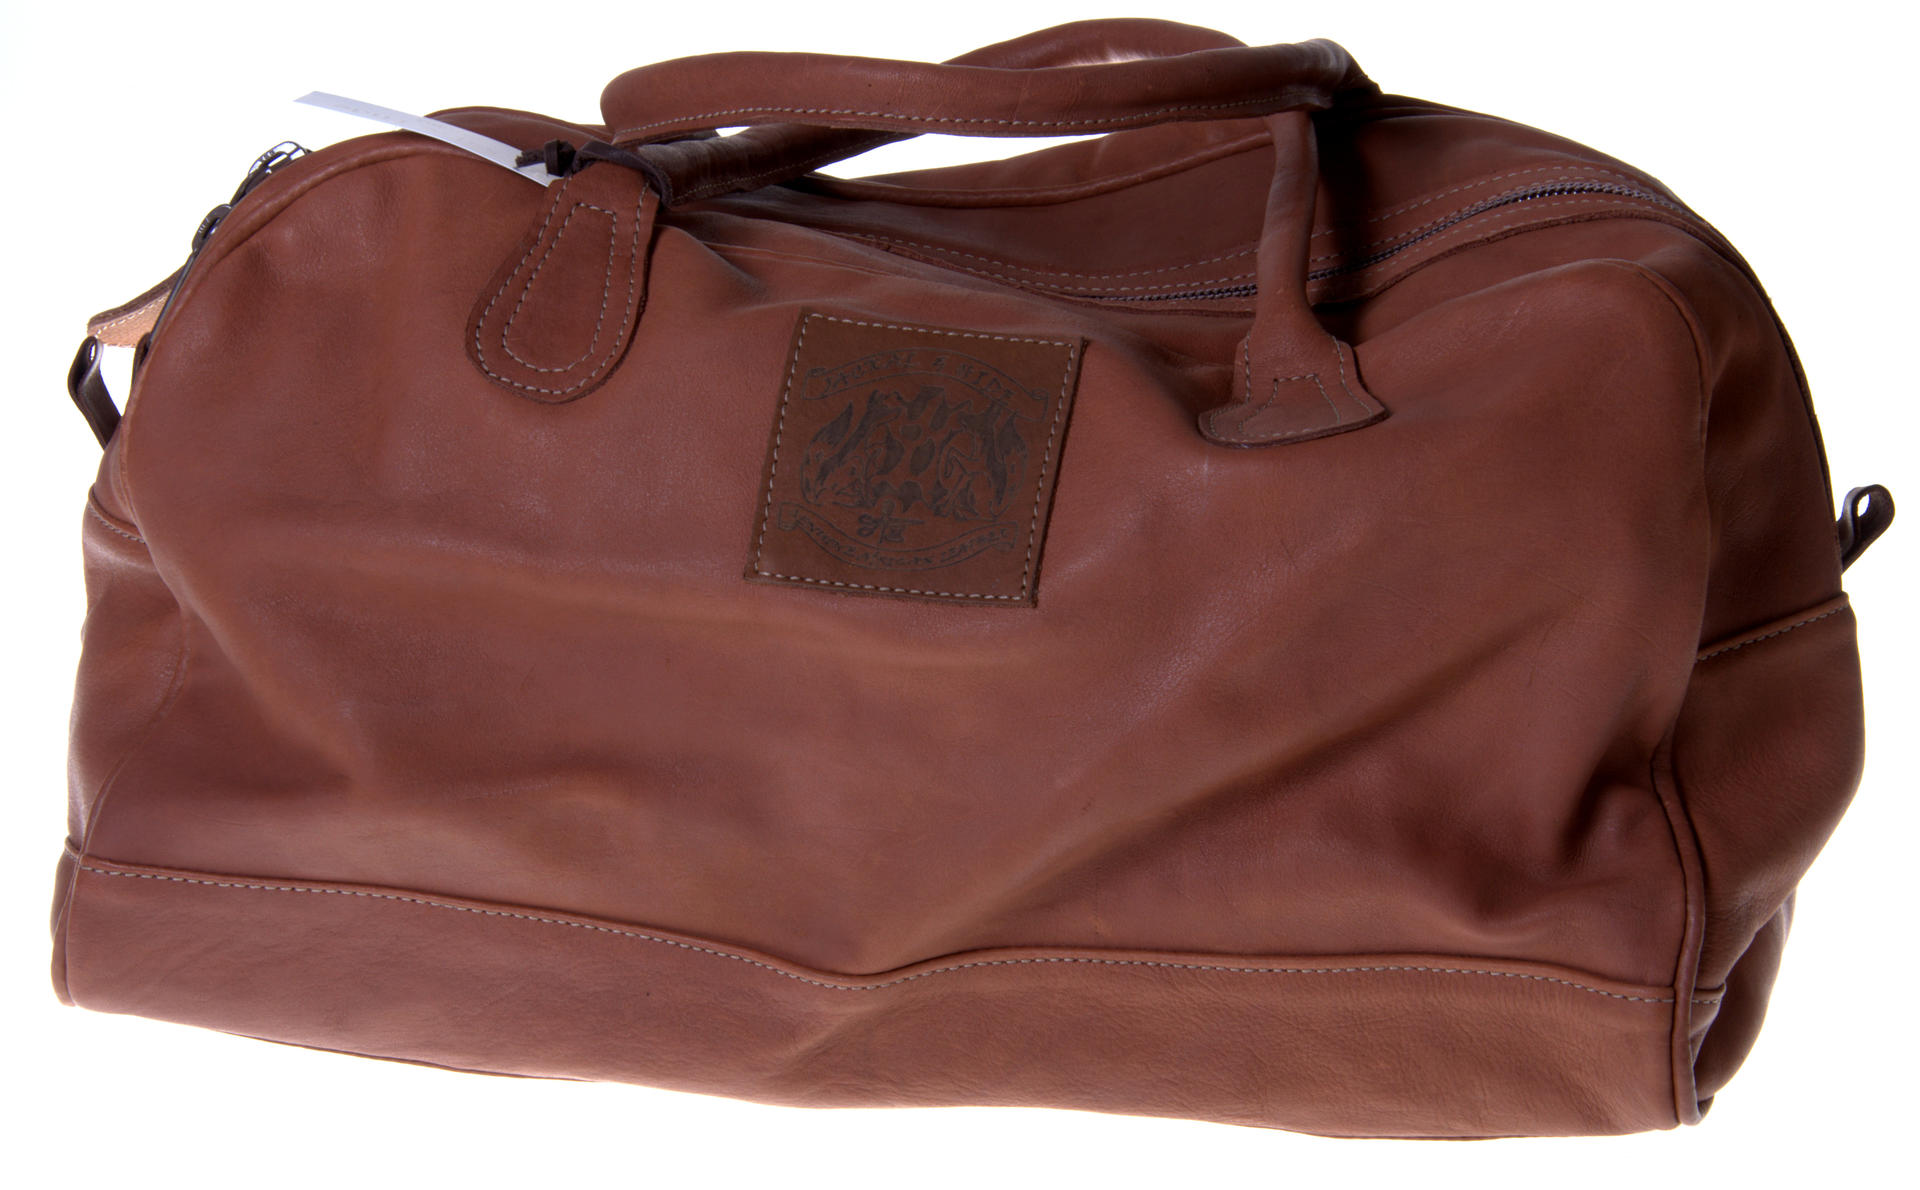 Jackal & Hide - Sambia - Unikat - verschiedene Farben - elegante Reisetasche Holdall